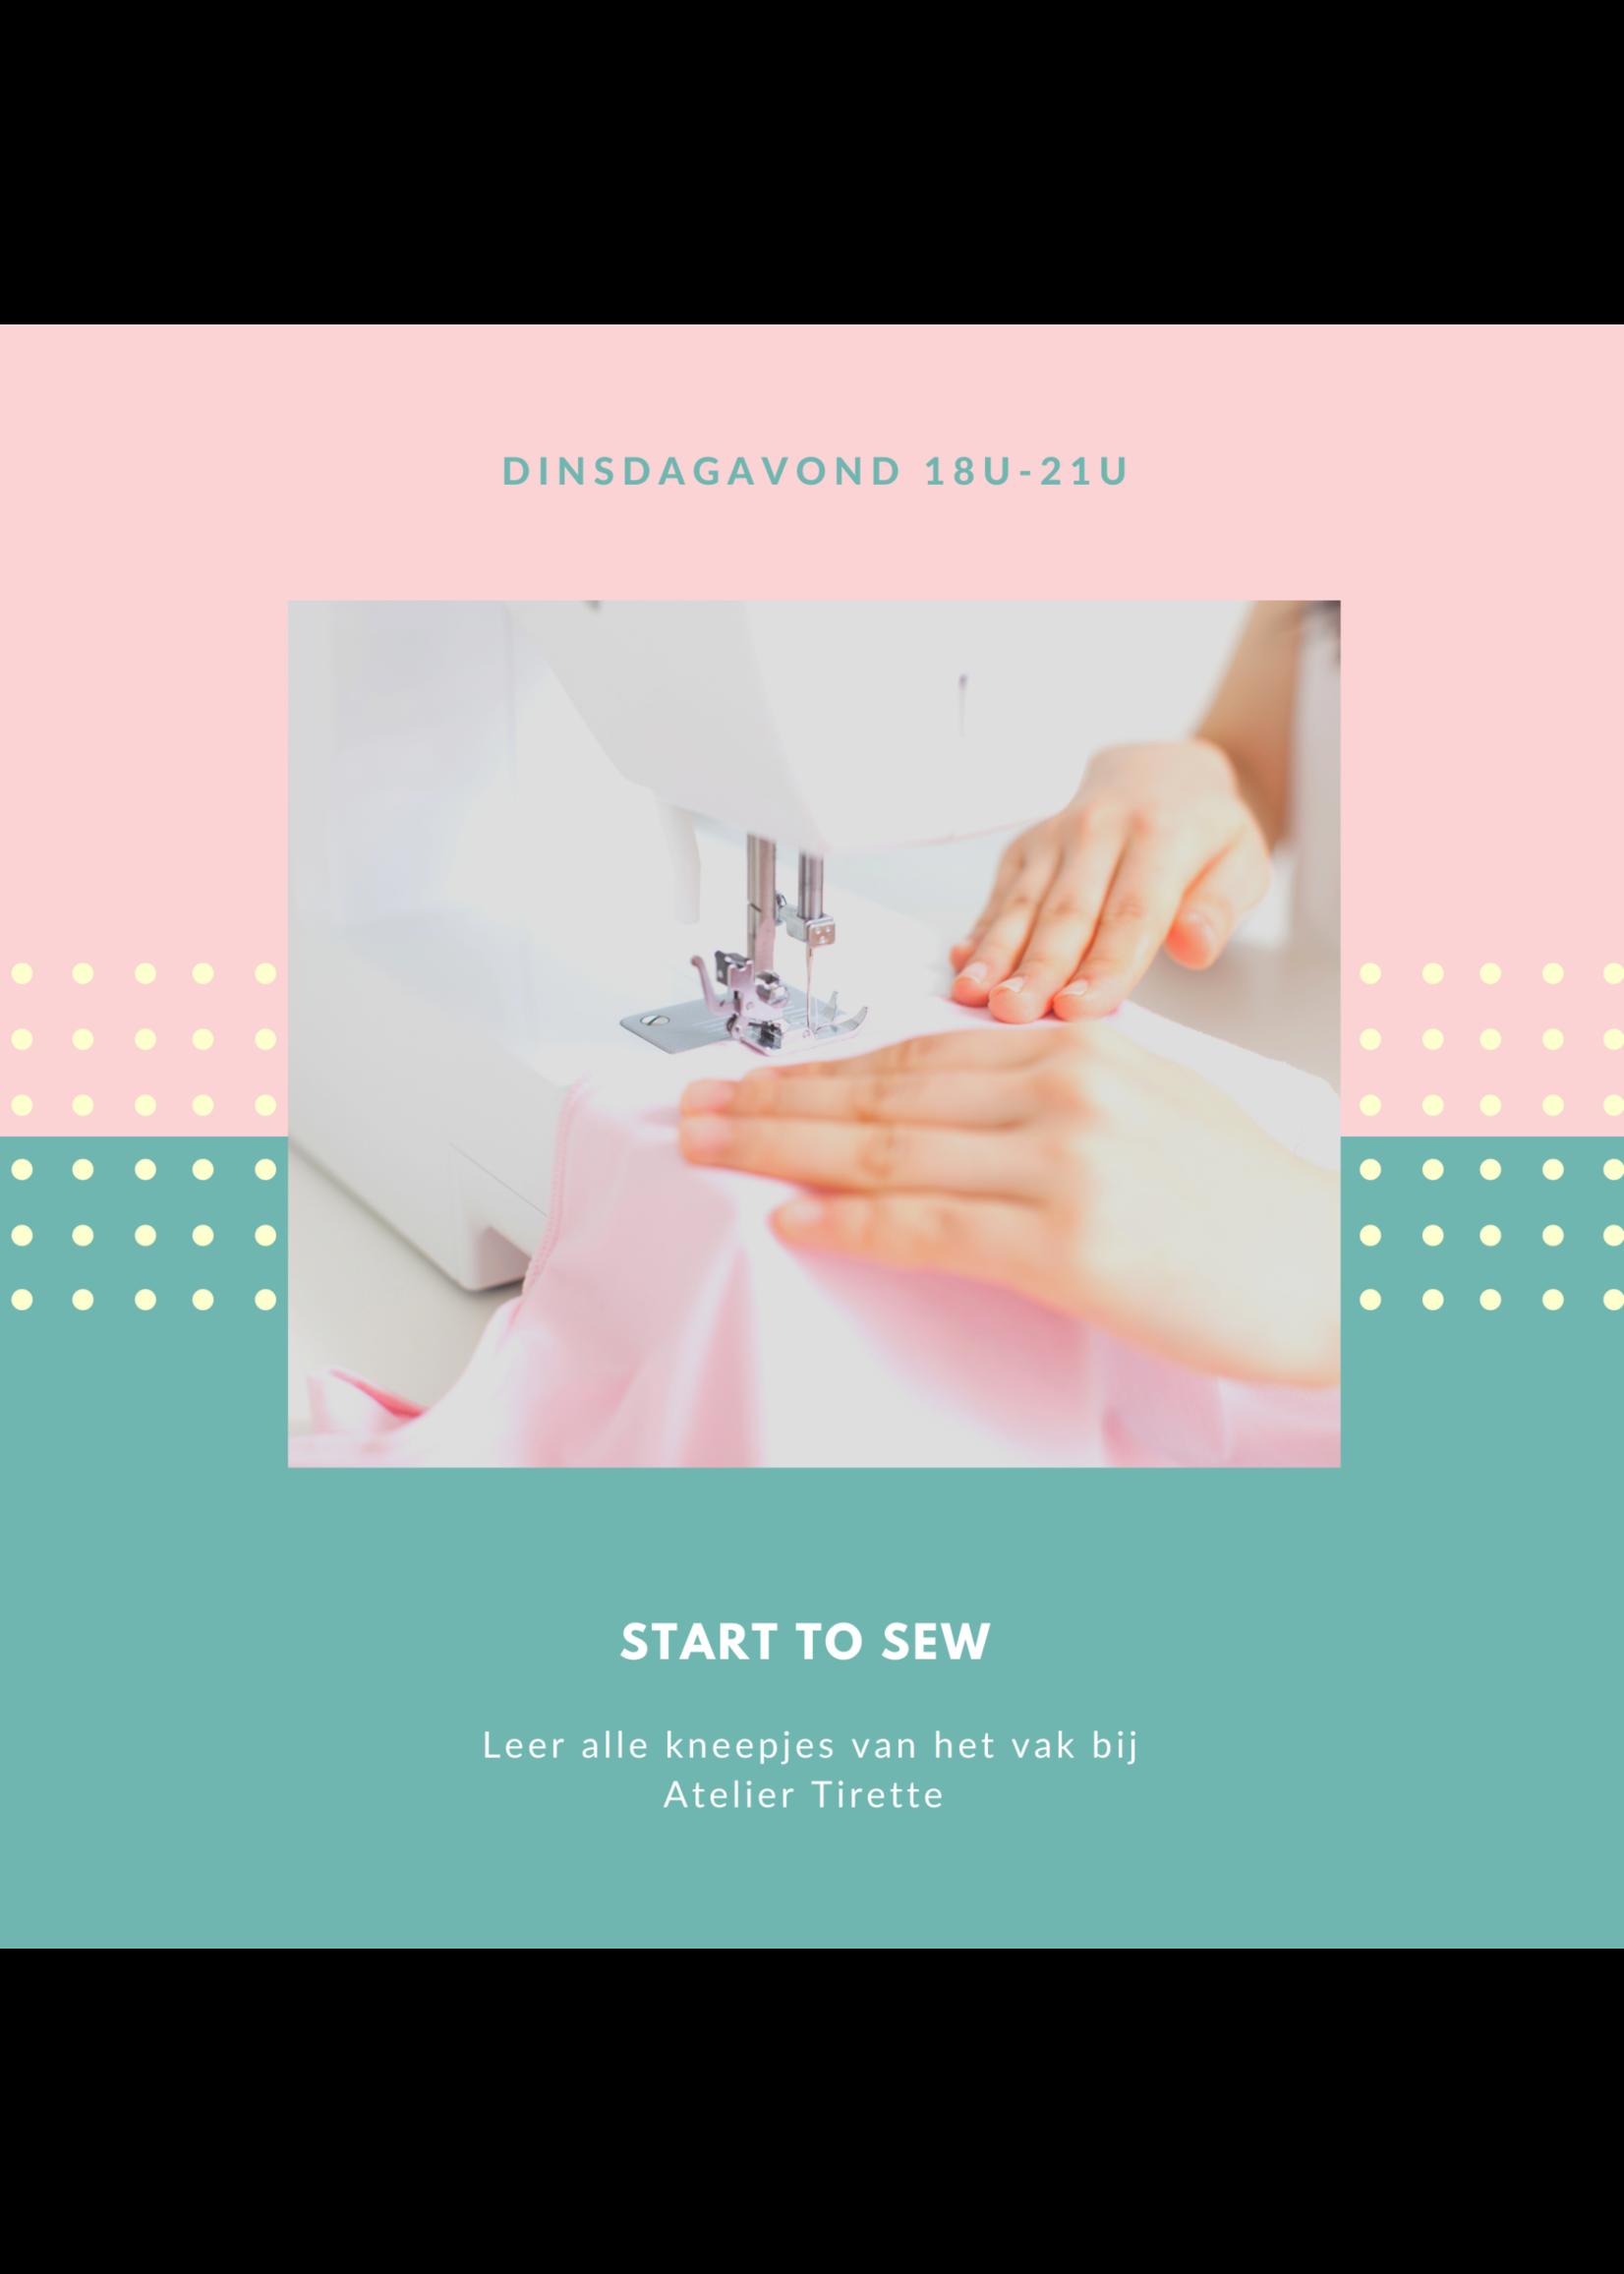 Start To Sew - Dinsdagavond